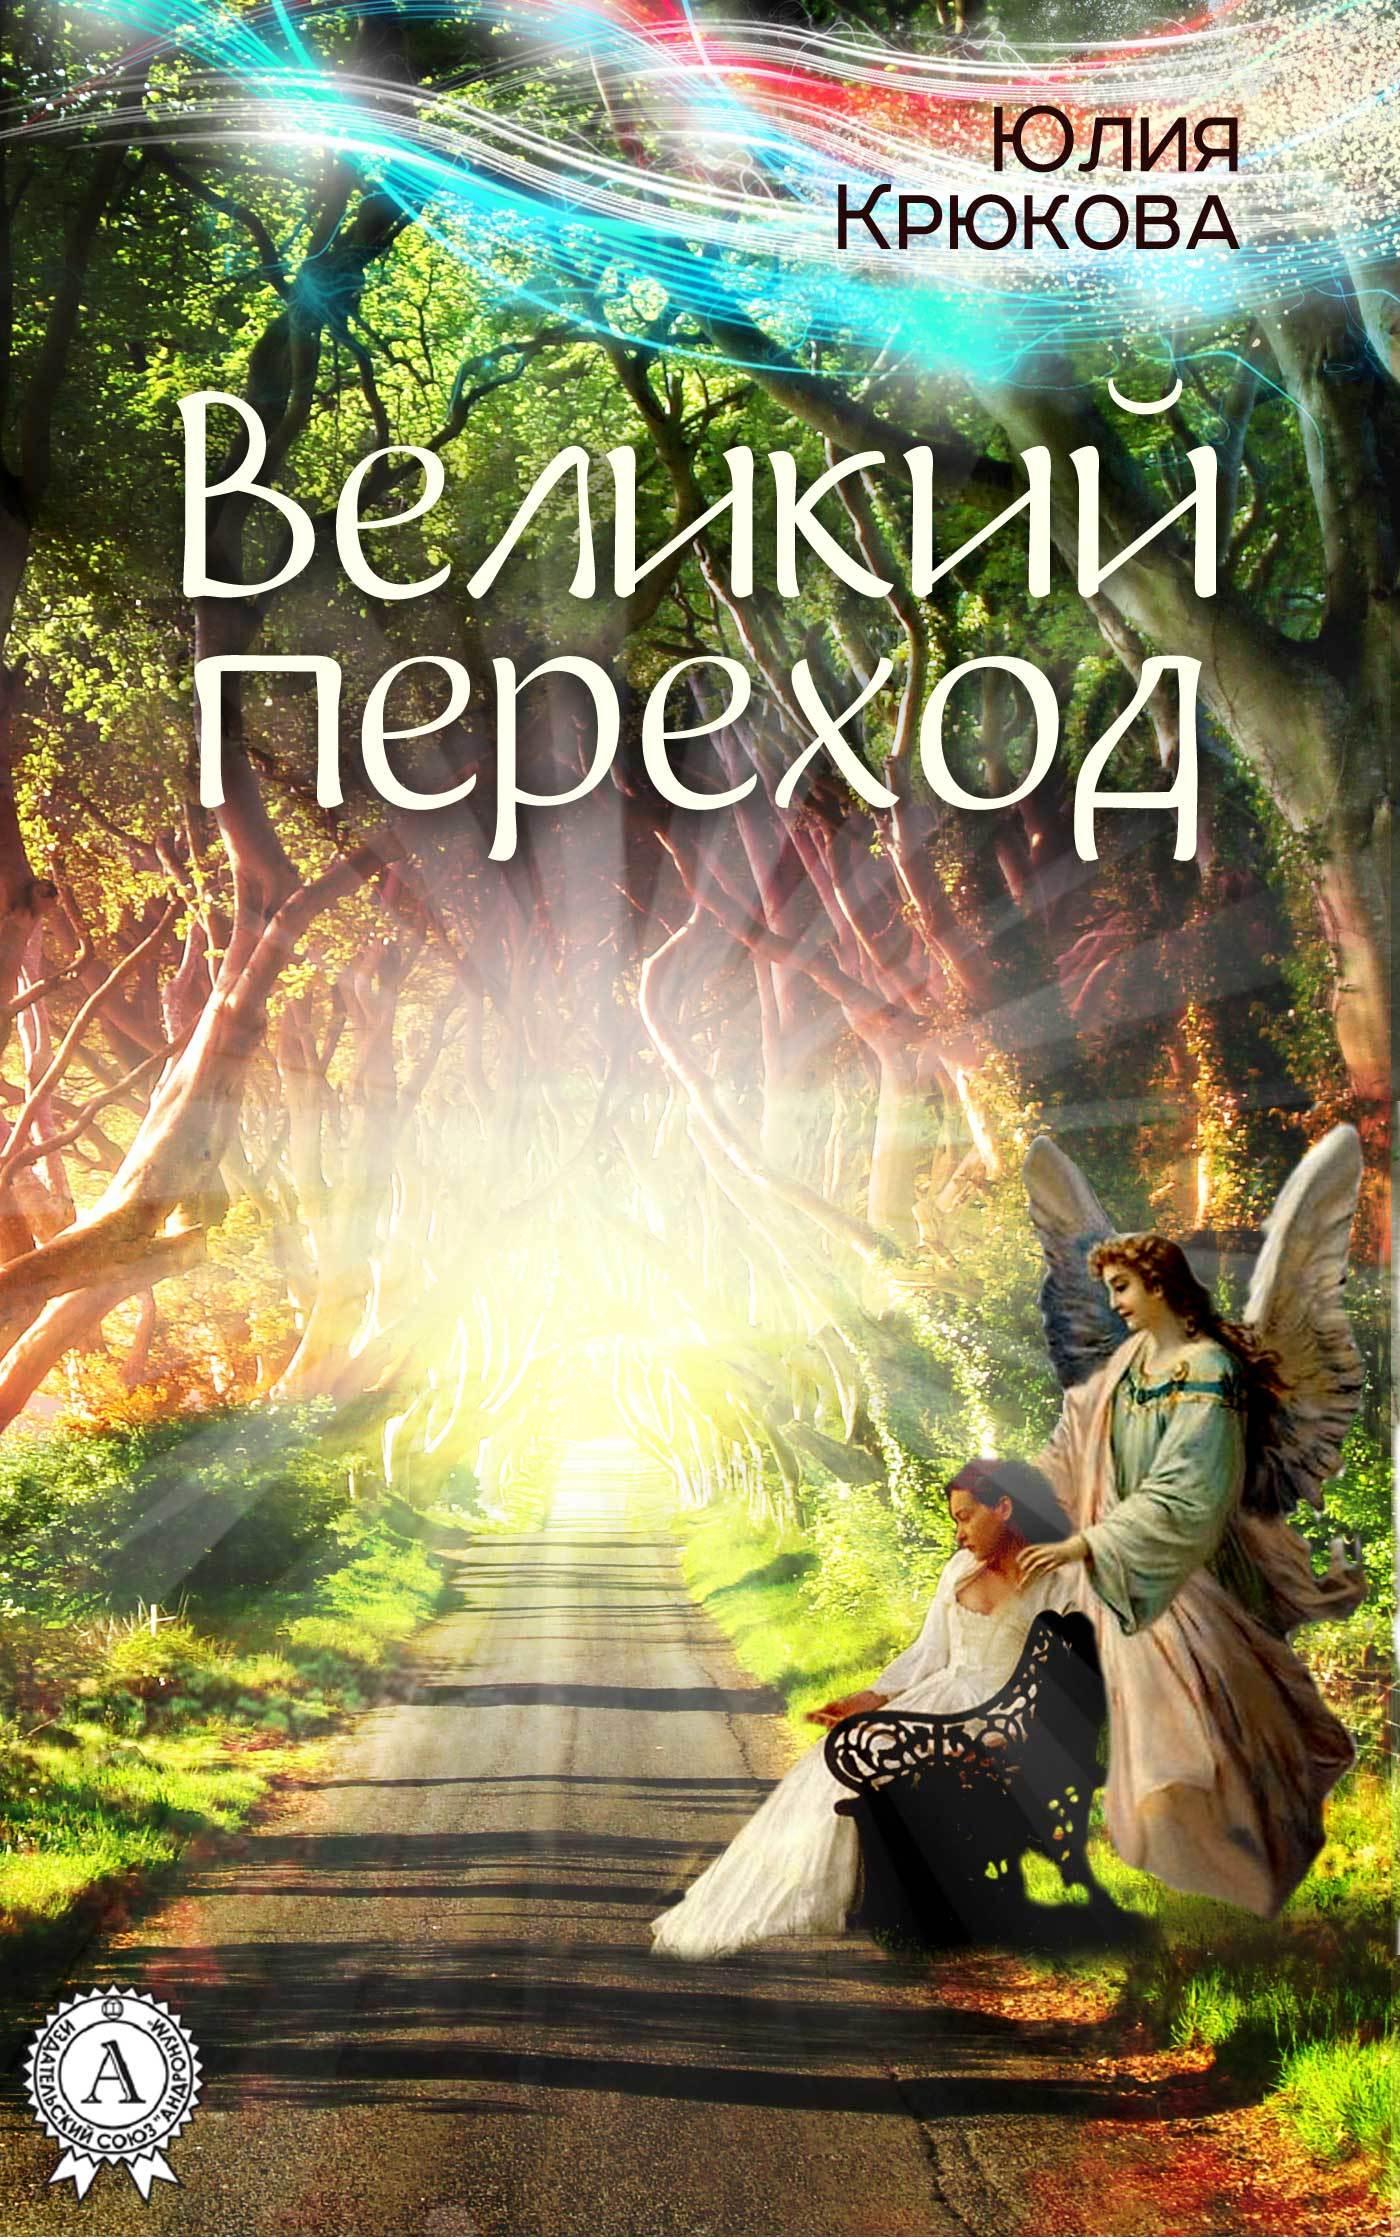 Юлия Крюкова - Великий переход